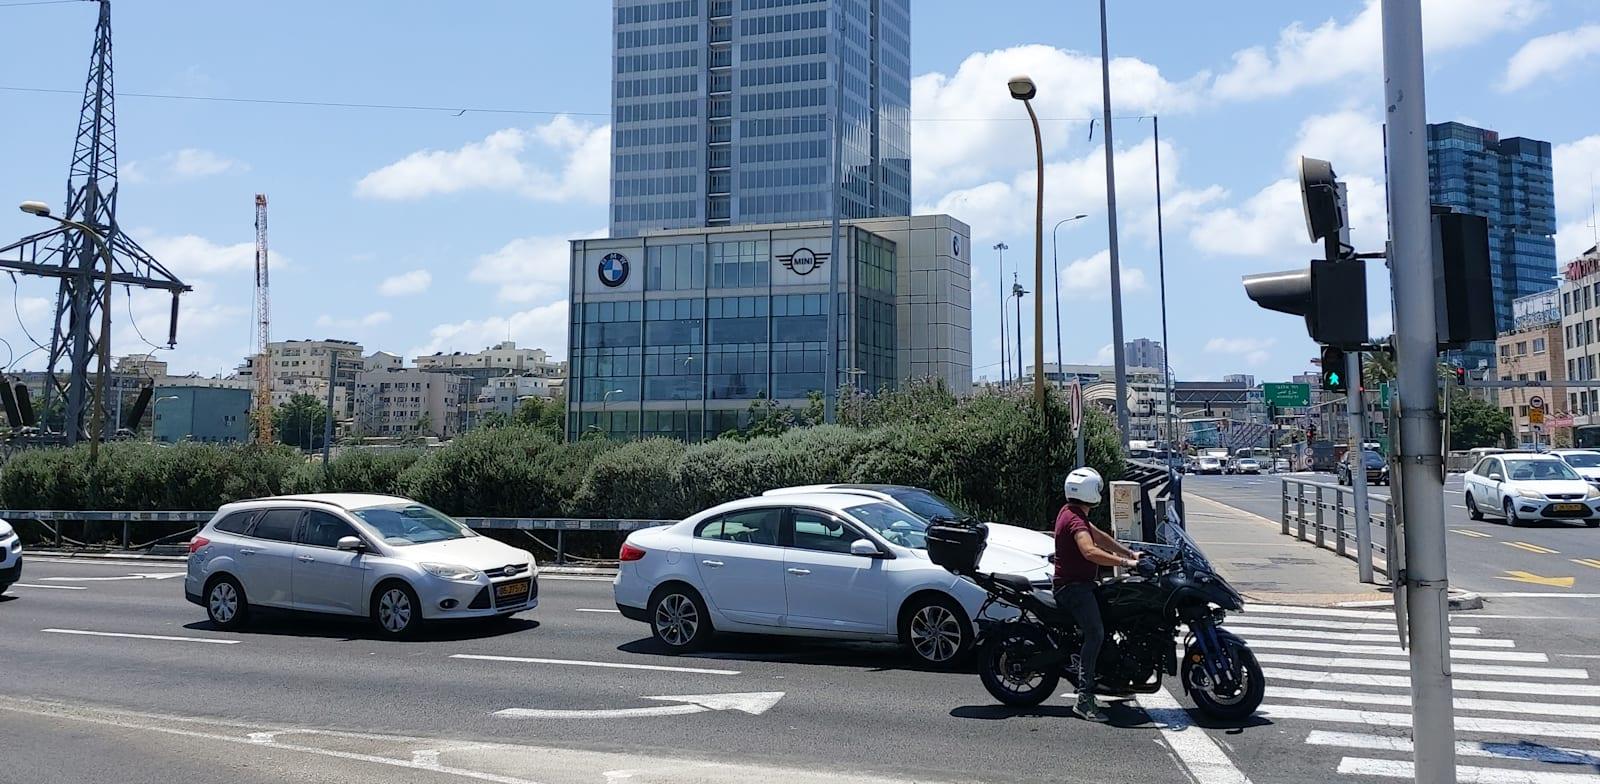 בנין ויתניה ברחוב לה גארדיה פינת החרש תל אביב / צילום: איל יצהר